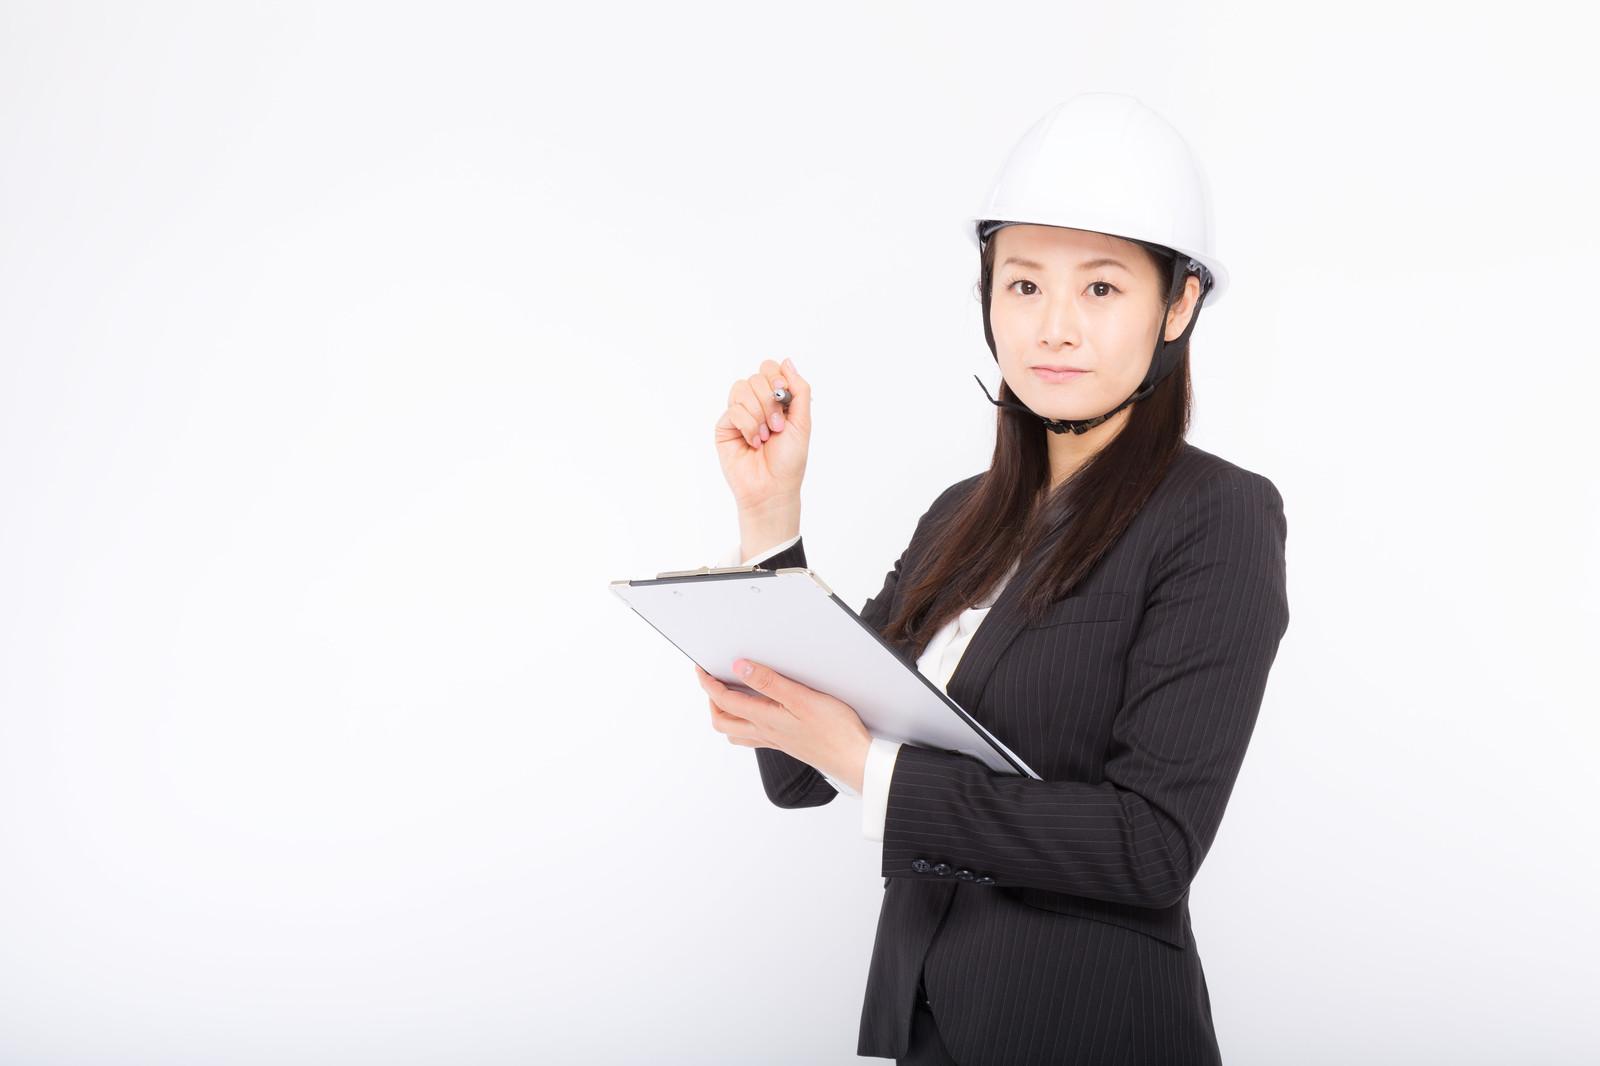 札幌市で不動産経営するなら!マンション管理会社への業務委託方式の種類を知ろう